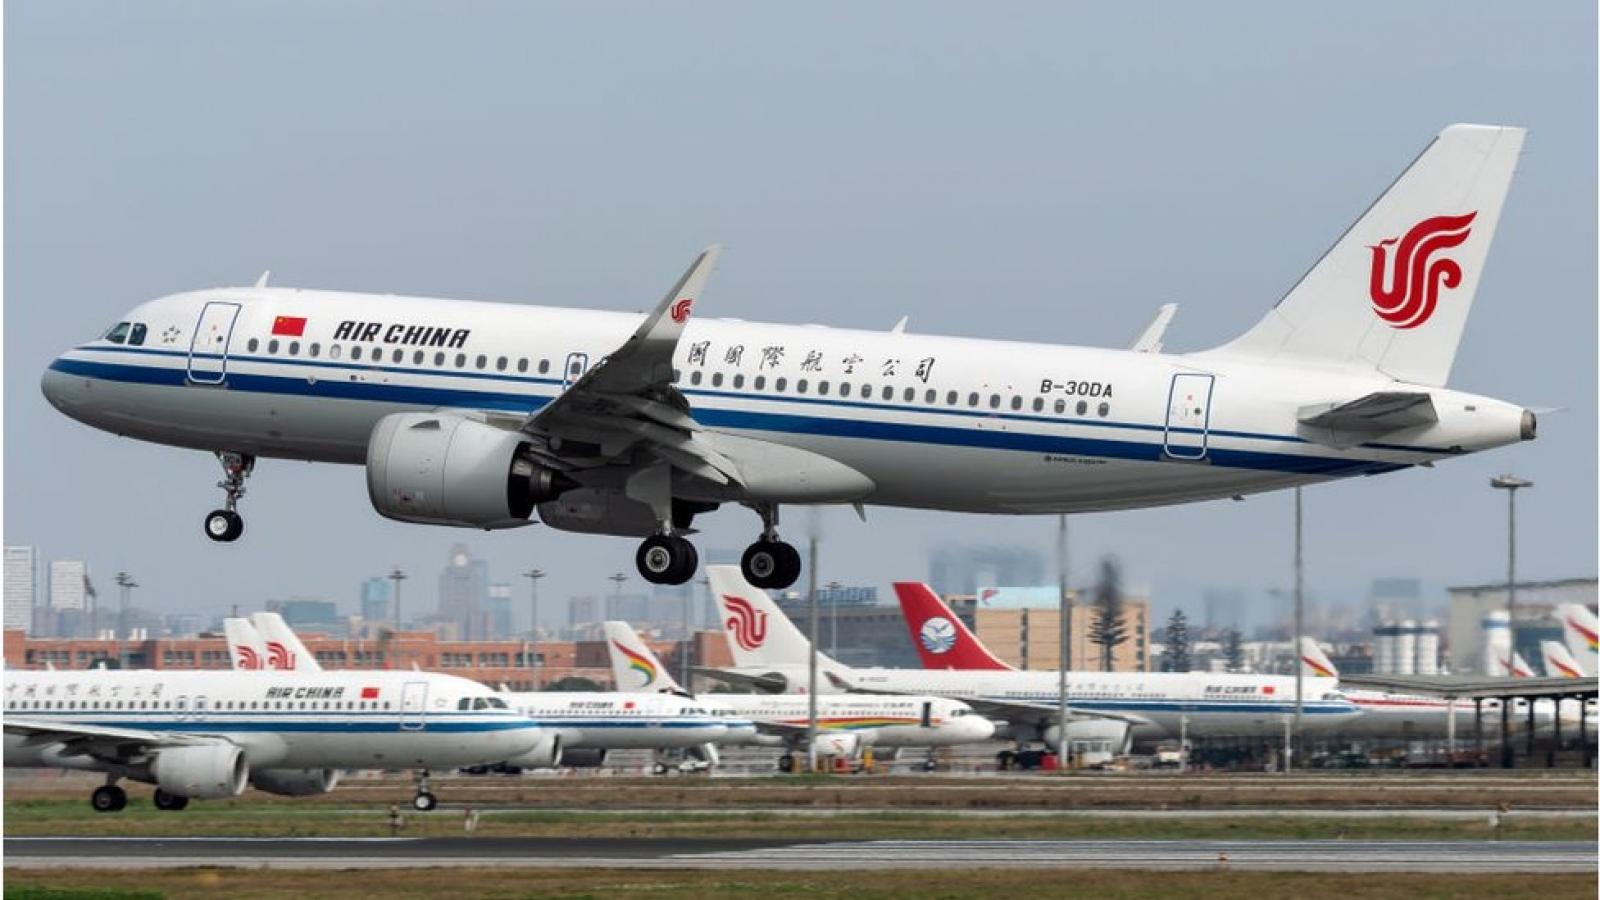 Trung Quốc tạmdừngtất cả các chuyến bay hai chiềuđếnAnh